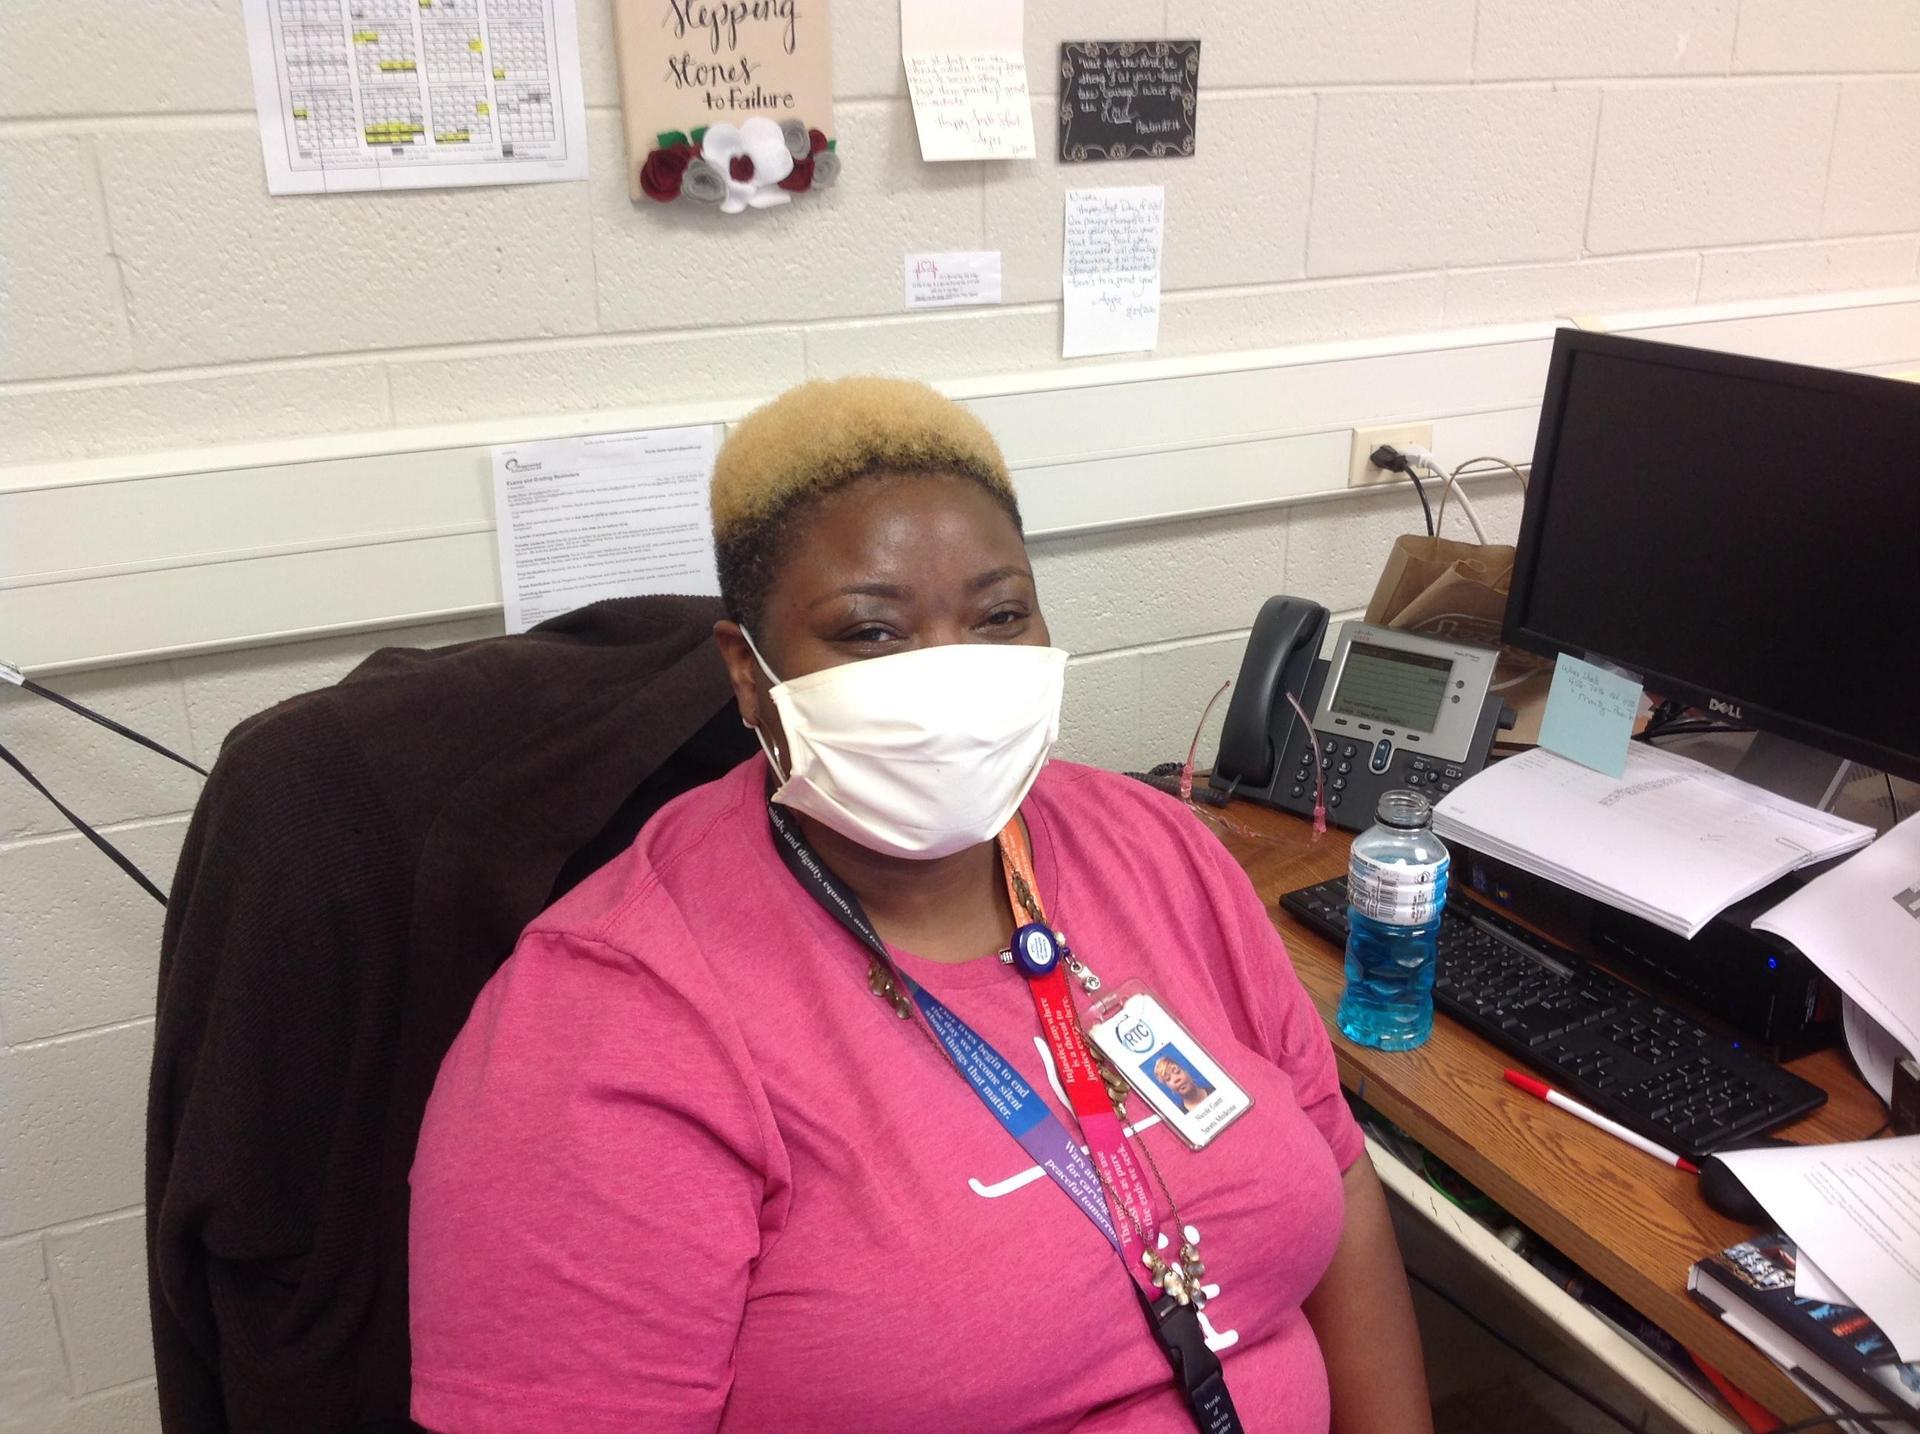 Mrs. Gantt